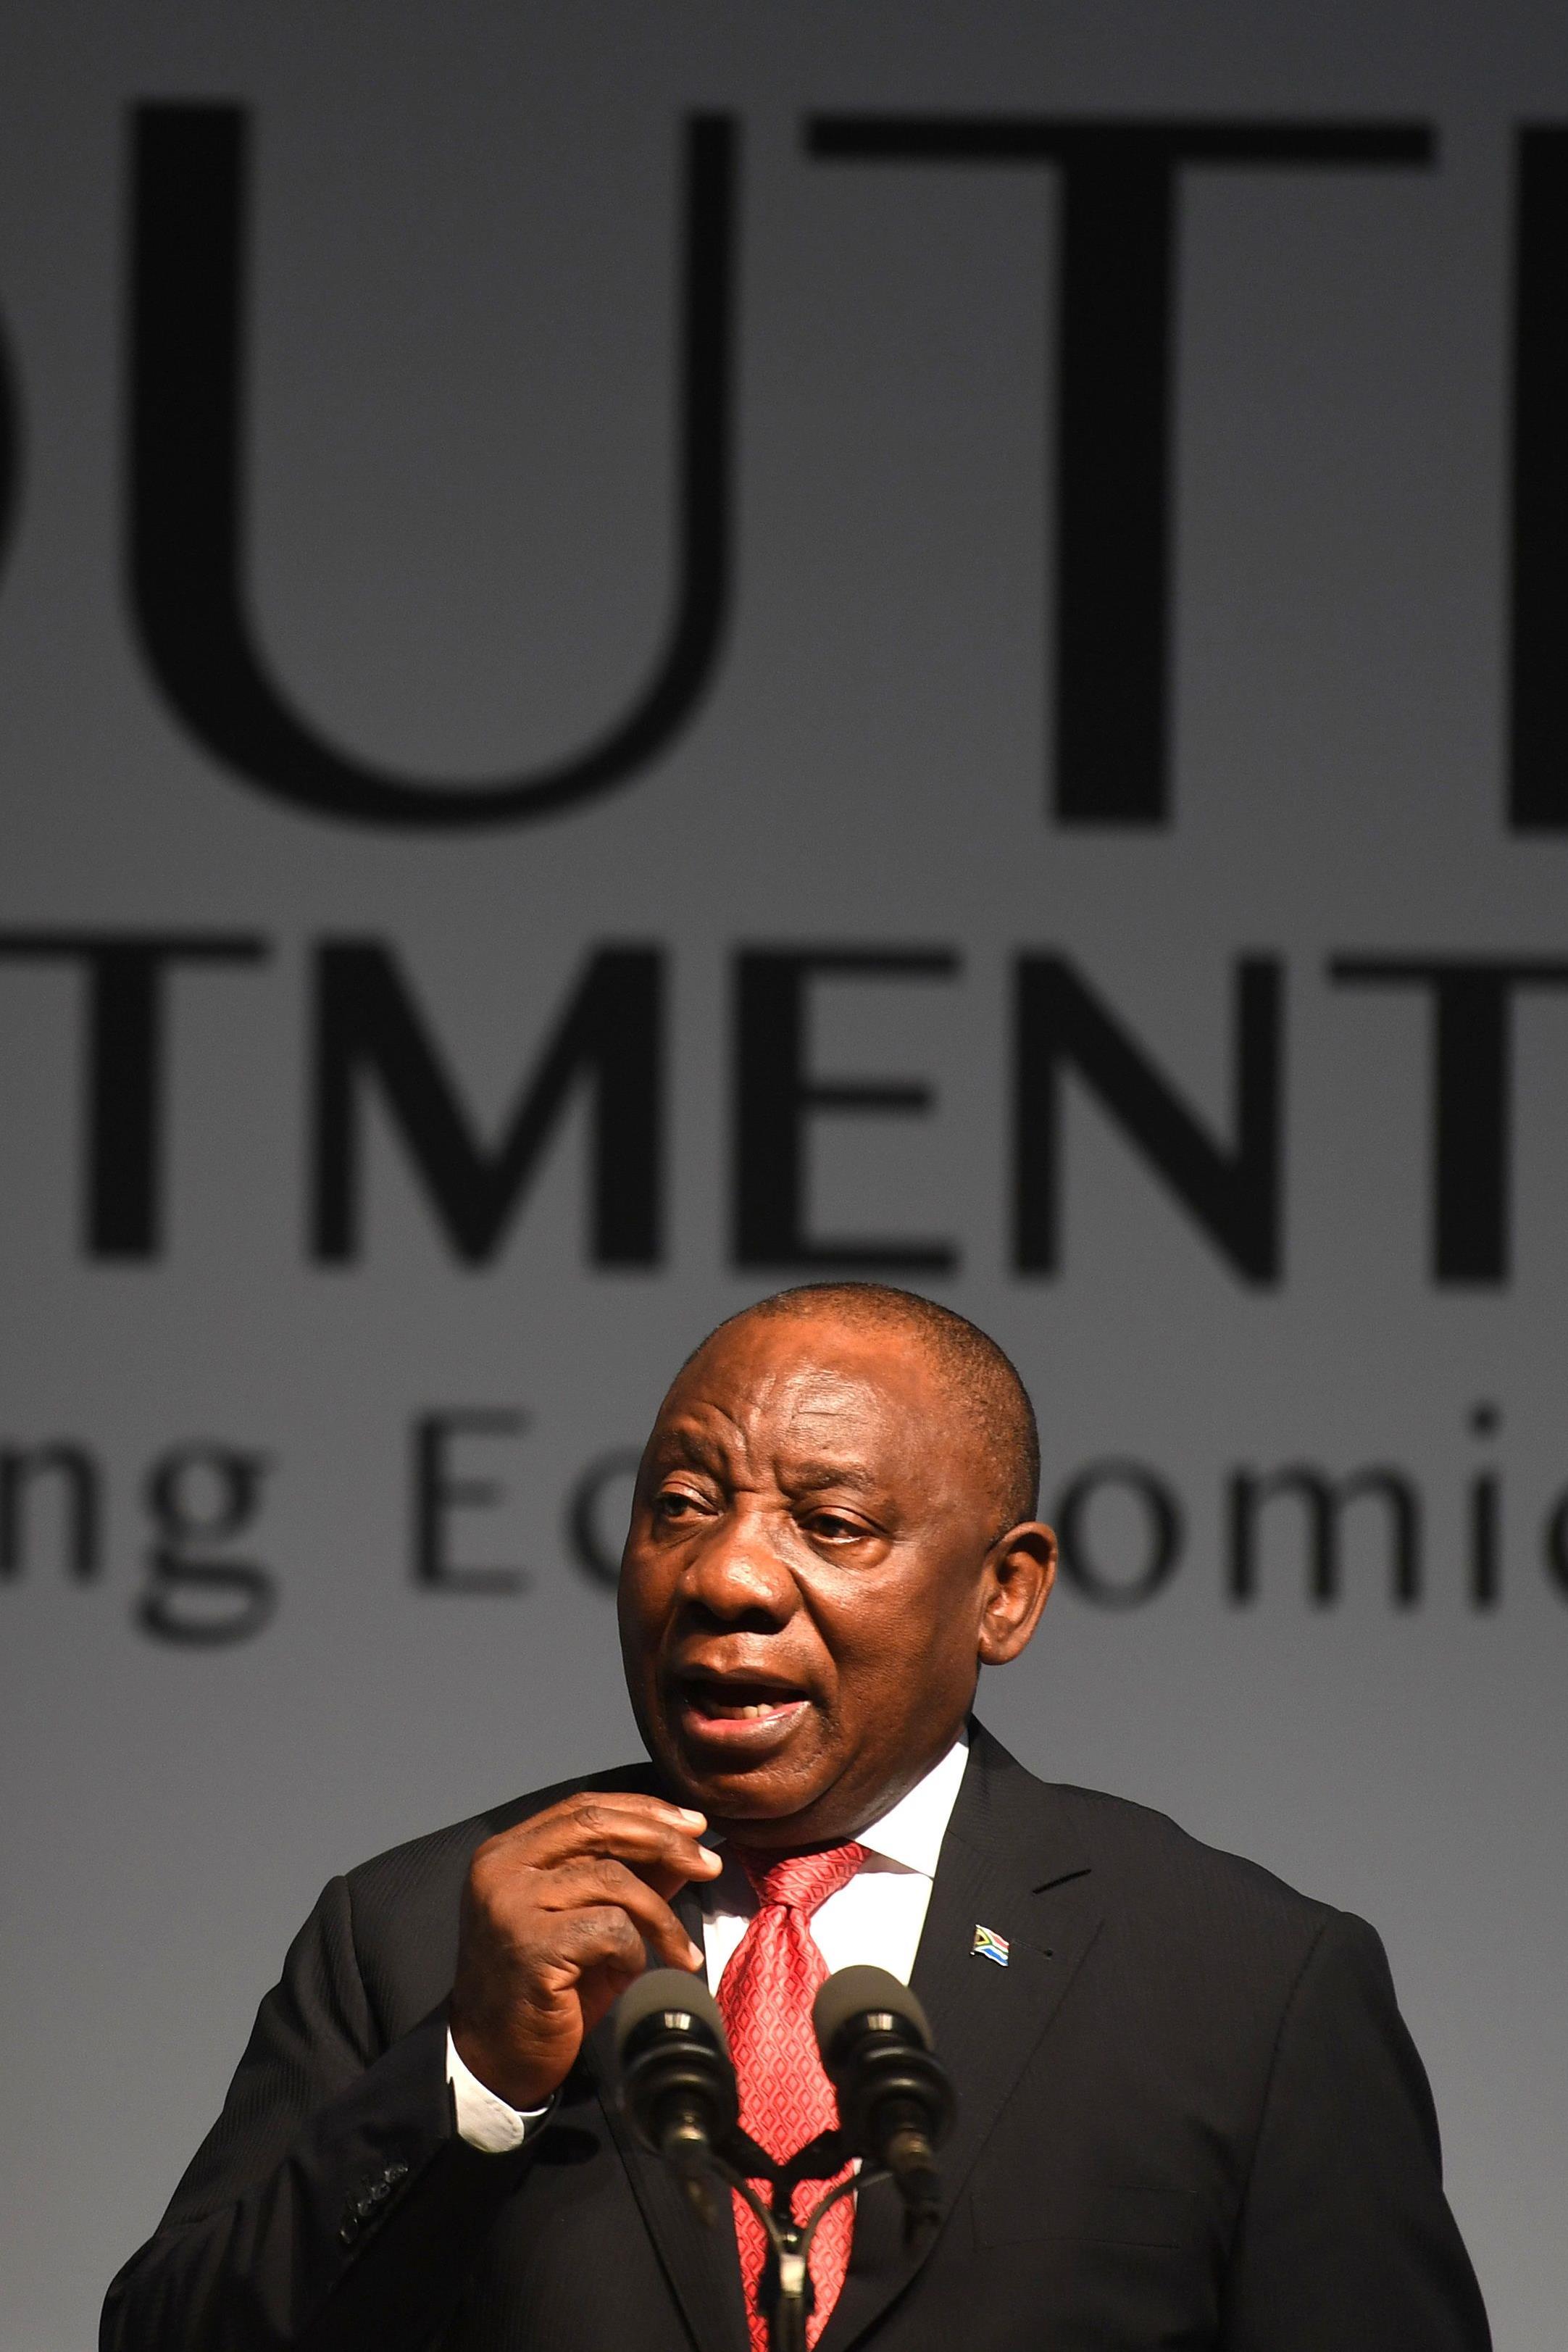 Cyril Ramaphosa prononce un discours lors d'une conférence sur l'investissement le 26 octobre 2018 à Johannesburg.